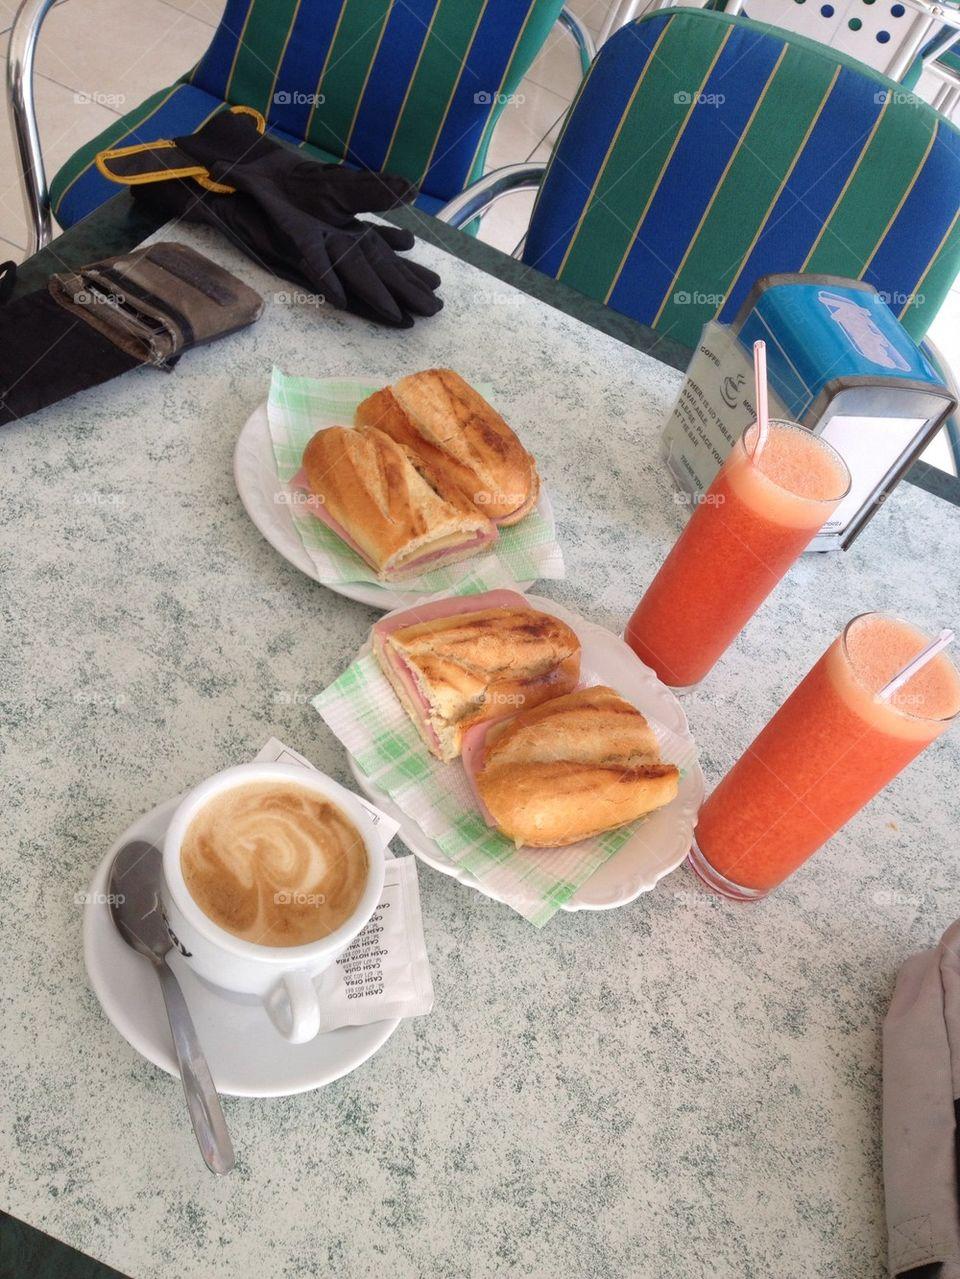 Breakfast in Tenerife